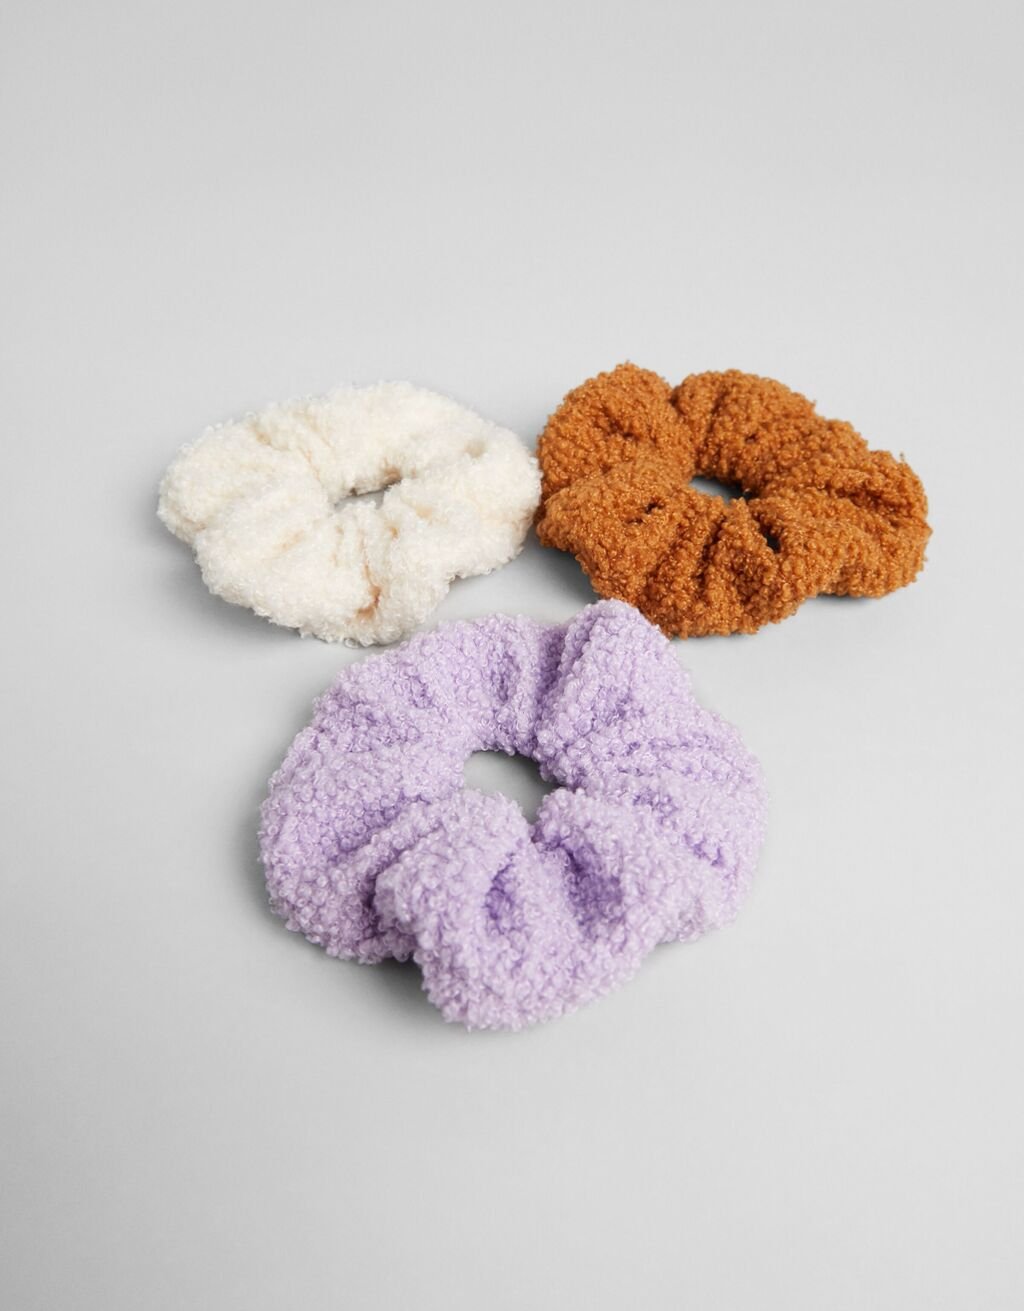 Set of 3 faux shearling scrunchies